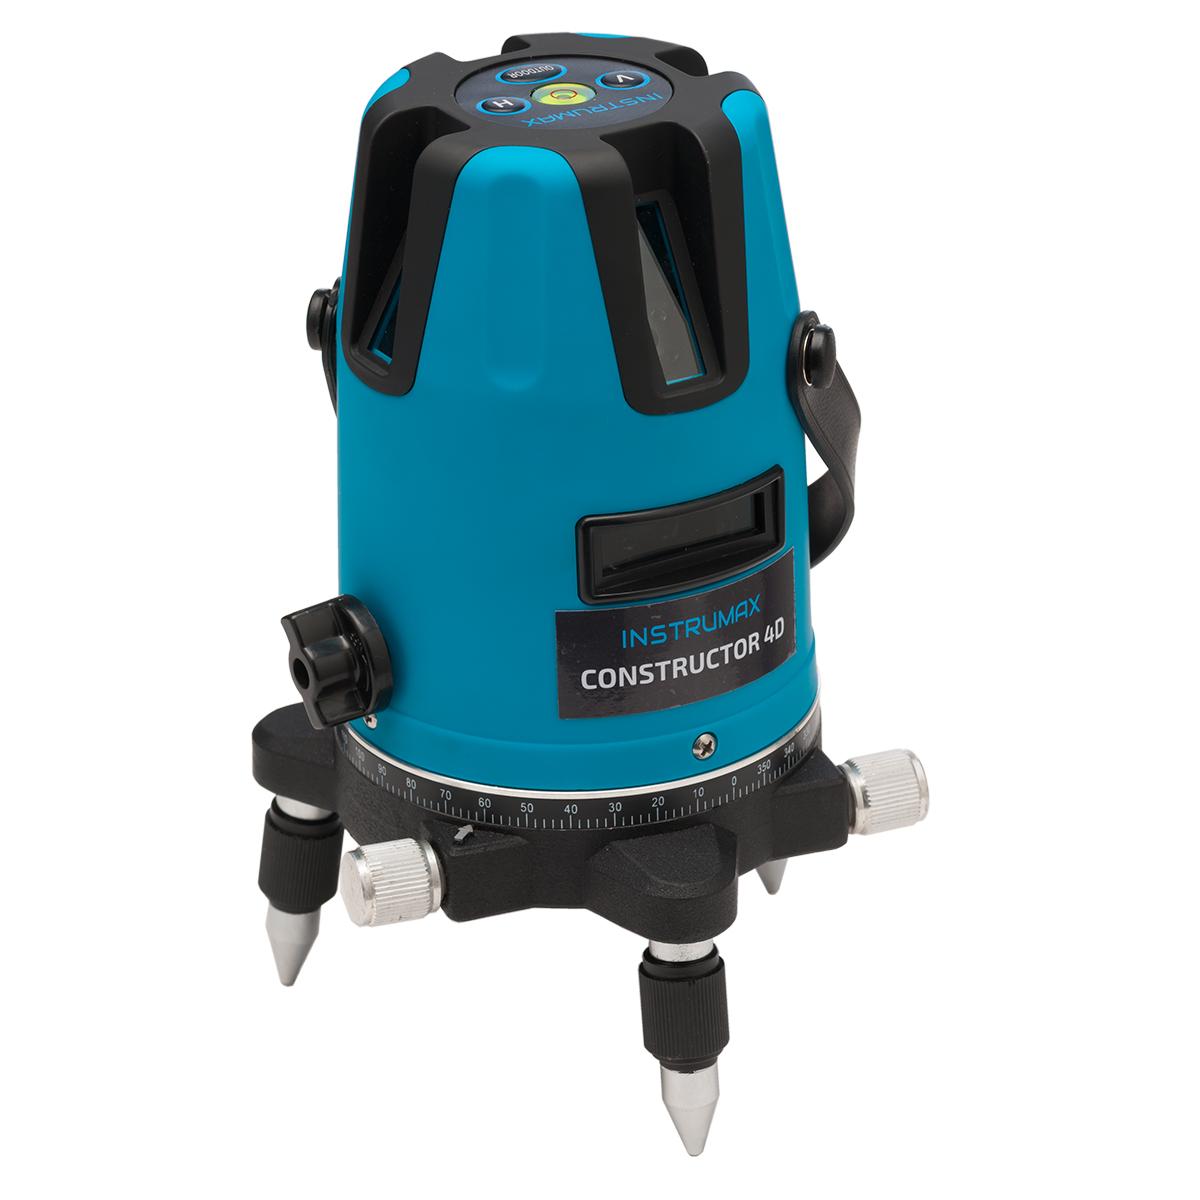 Лазерный нивелир Instrumax CONSTRUCTOR 2D constructor